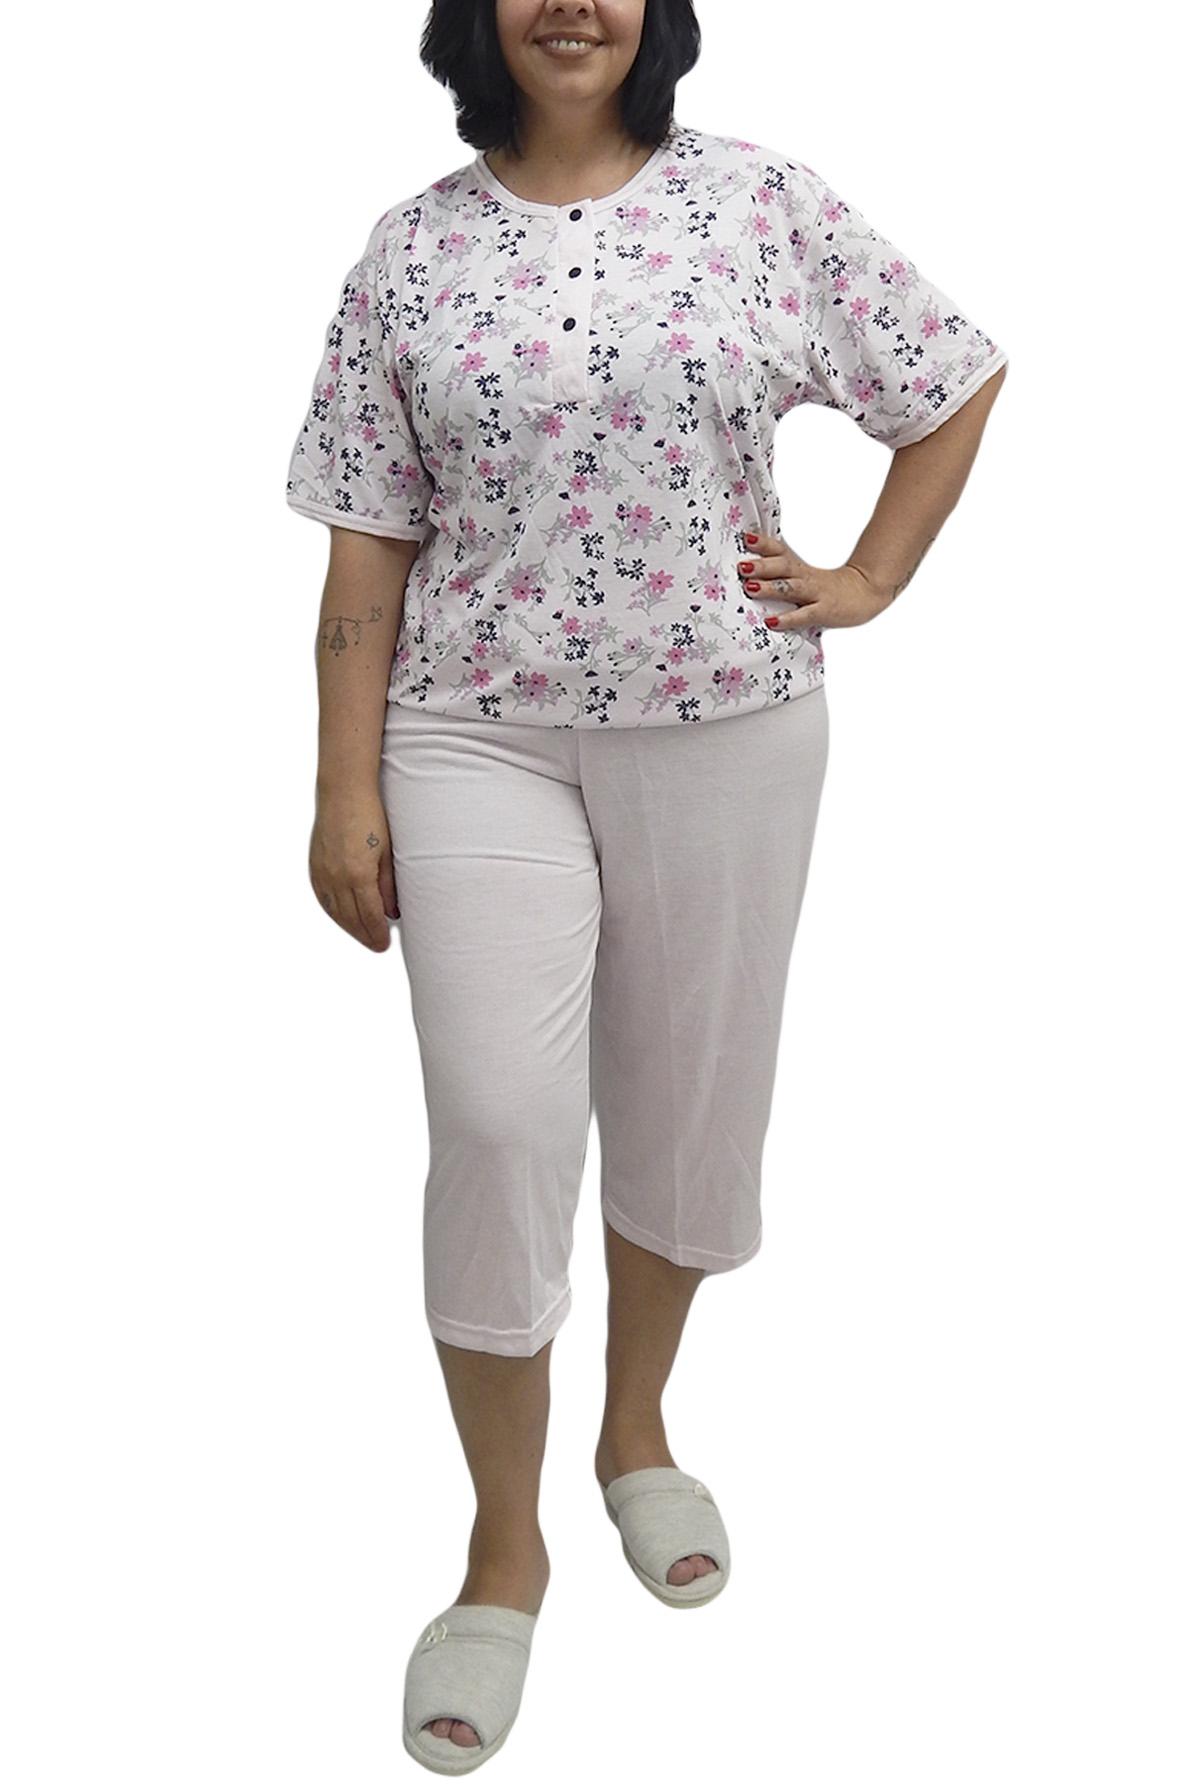 Pescador ou Pijama Capri Manga Curta Semi Aberto com Estampa de Flores e Capri Lisa - Rosemari